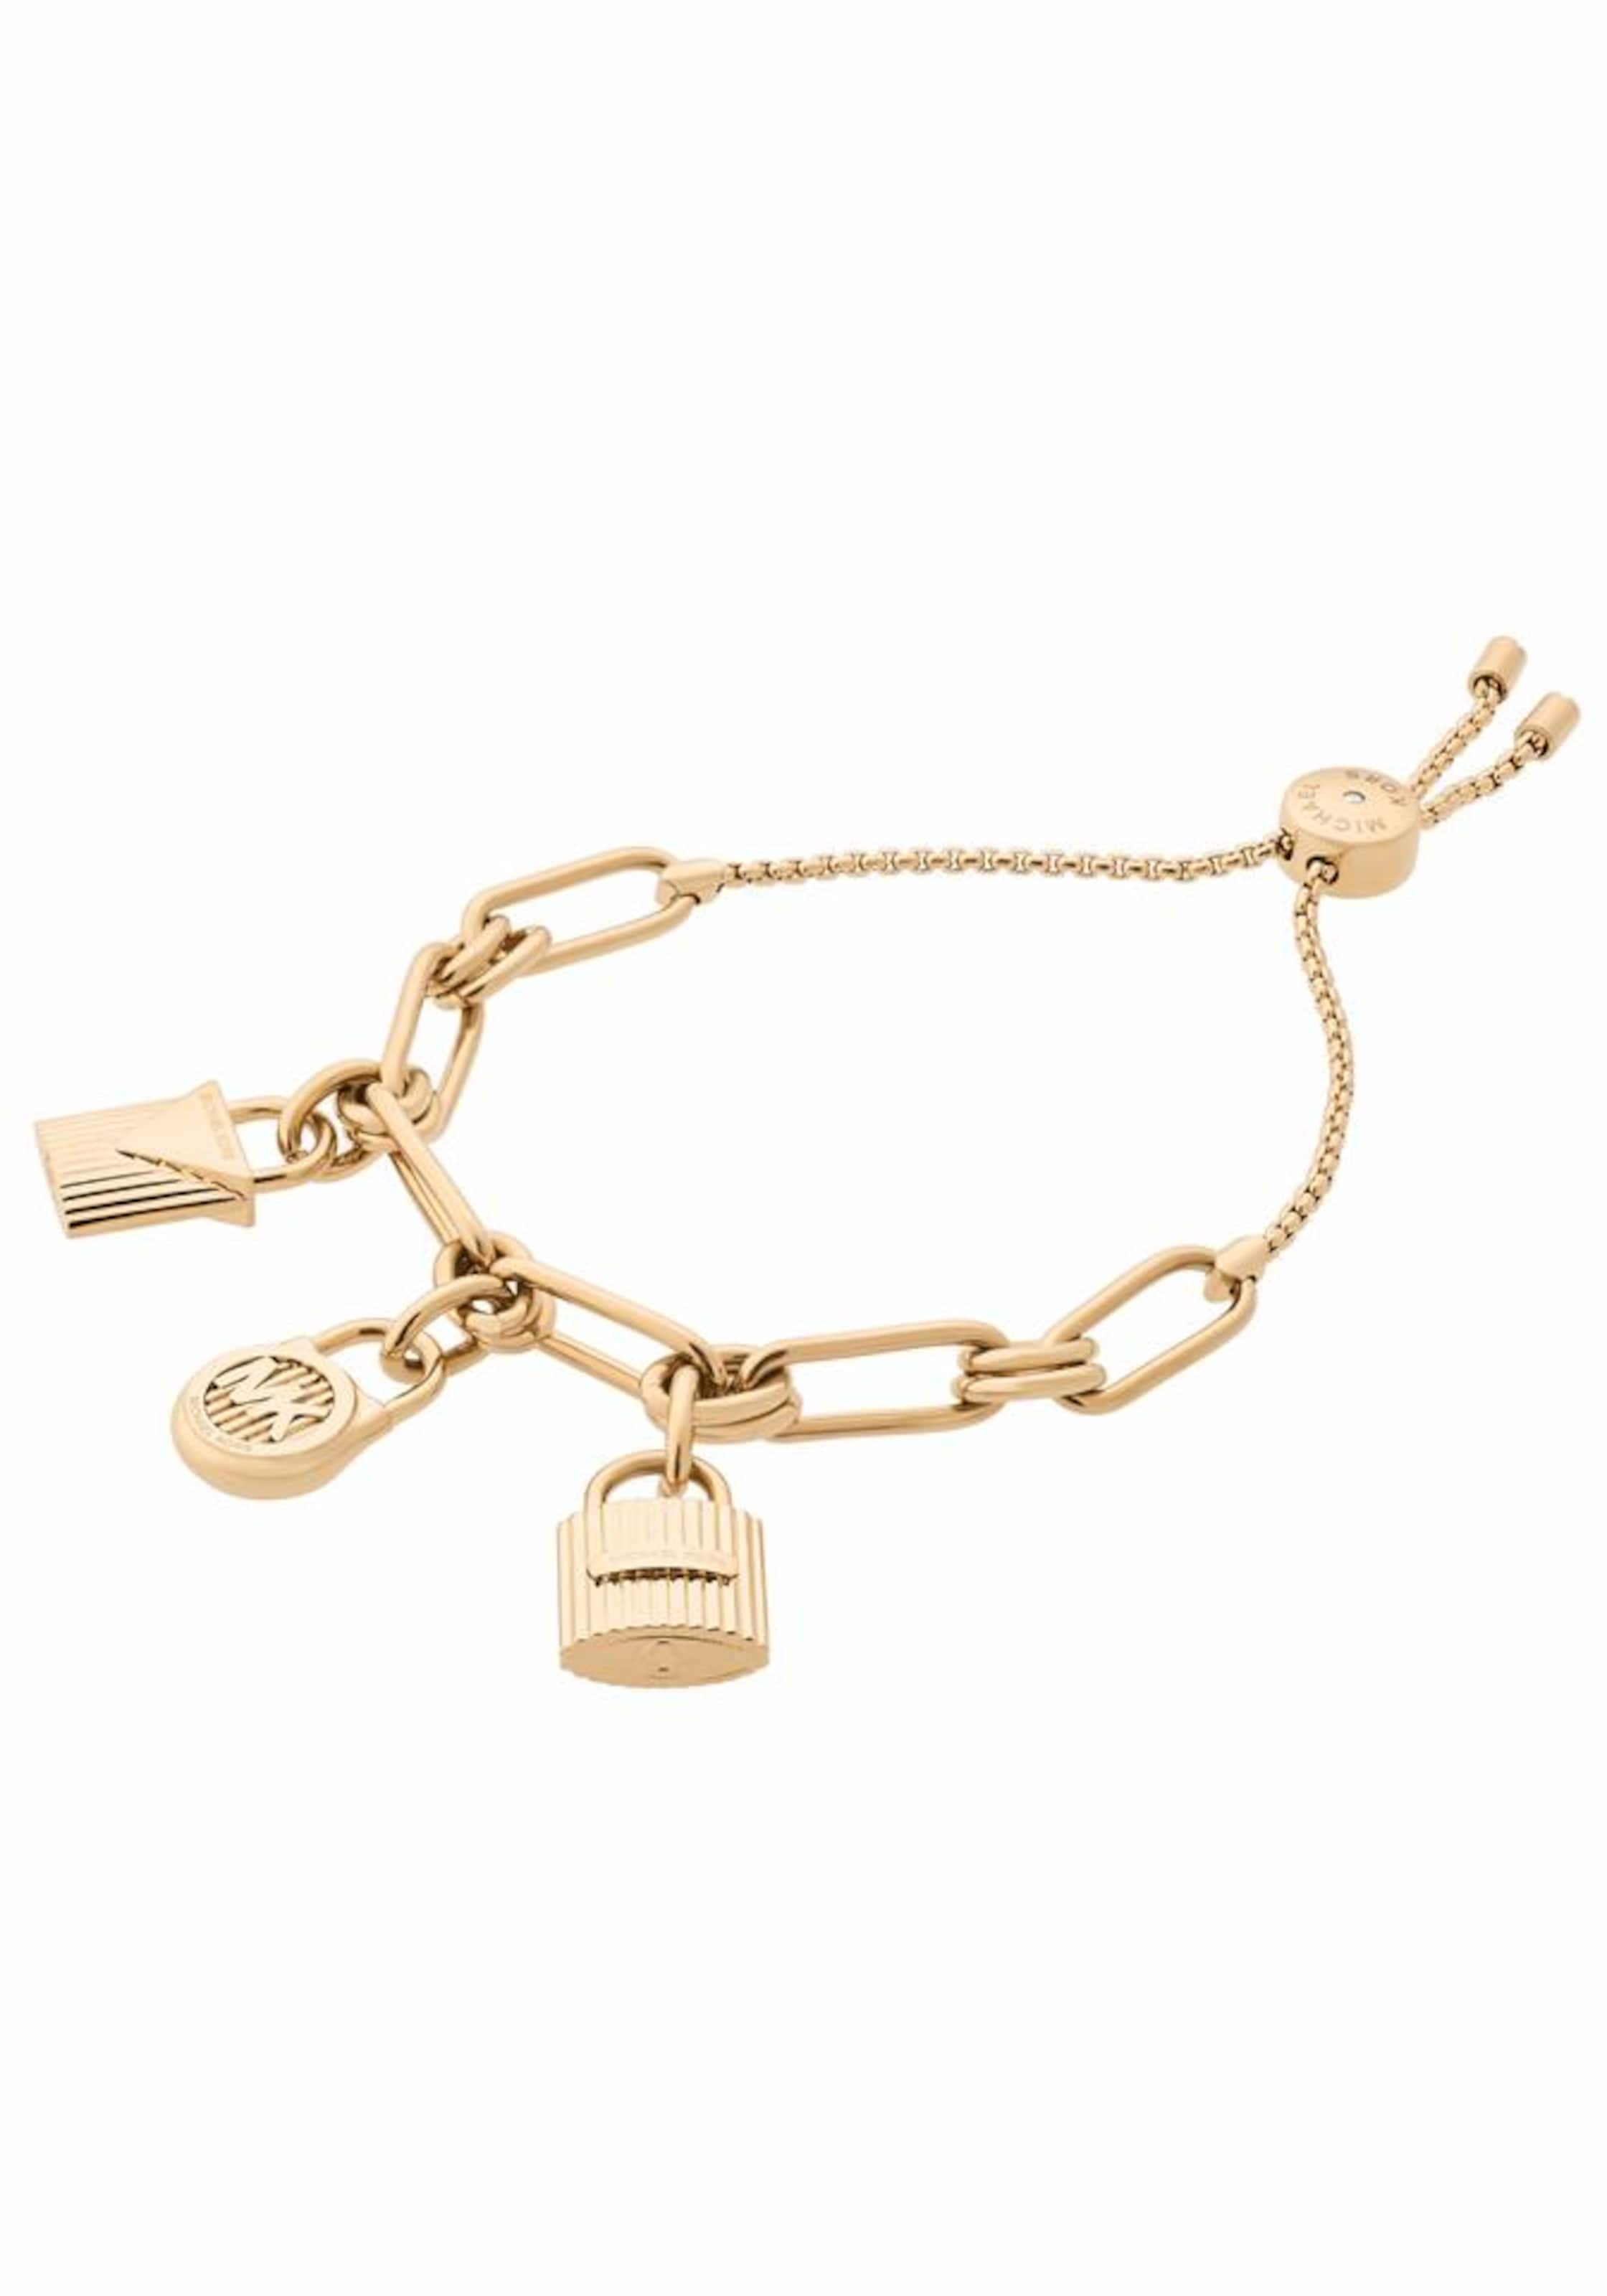 Michael Kors Armband Niedrigster Preis Verkauf Online 2rp4n